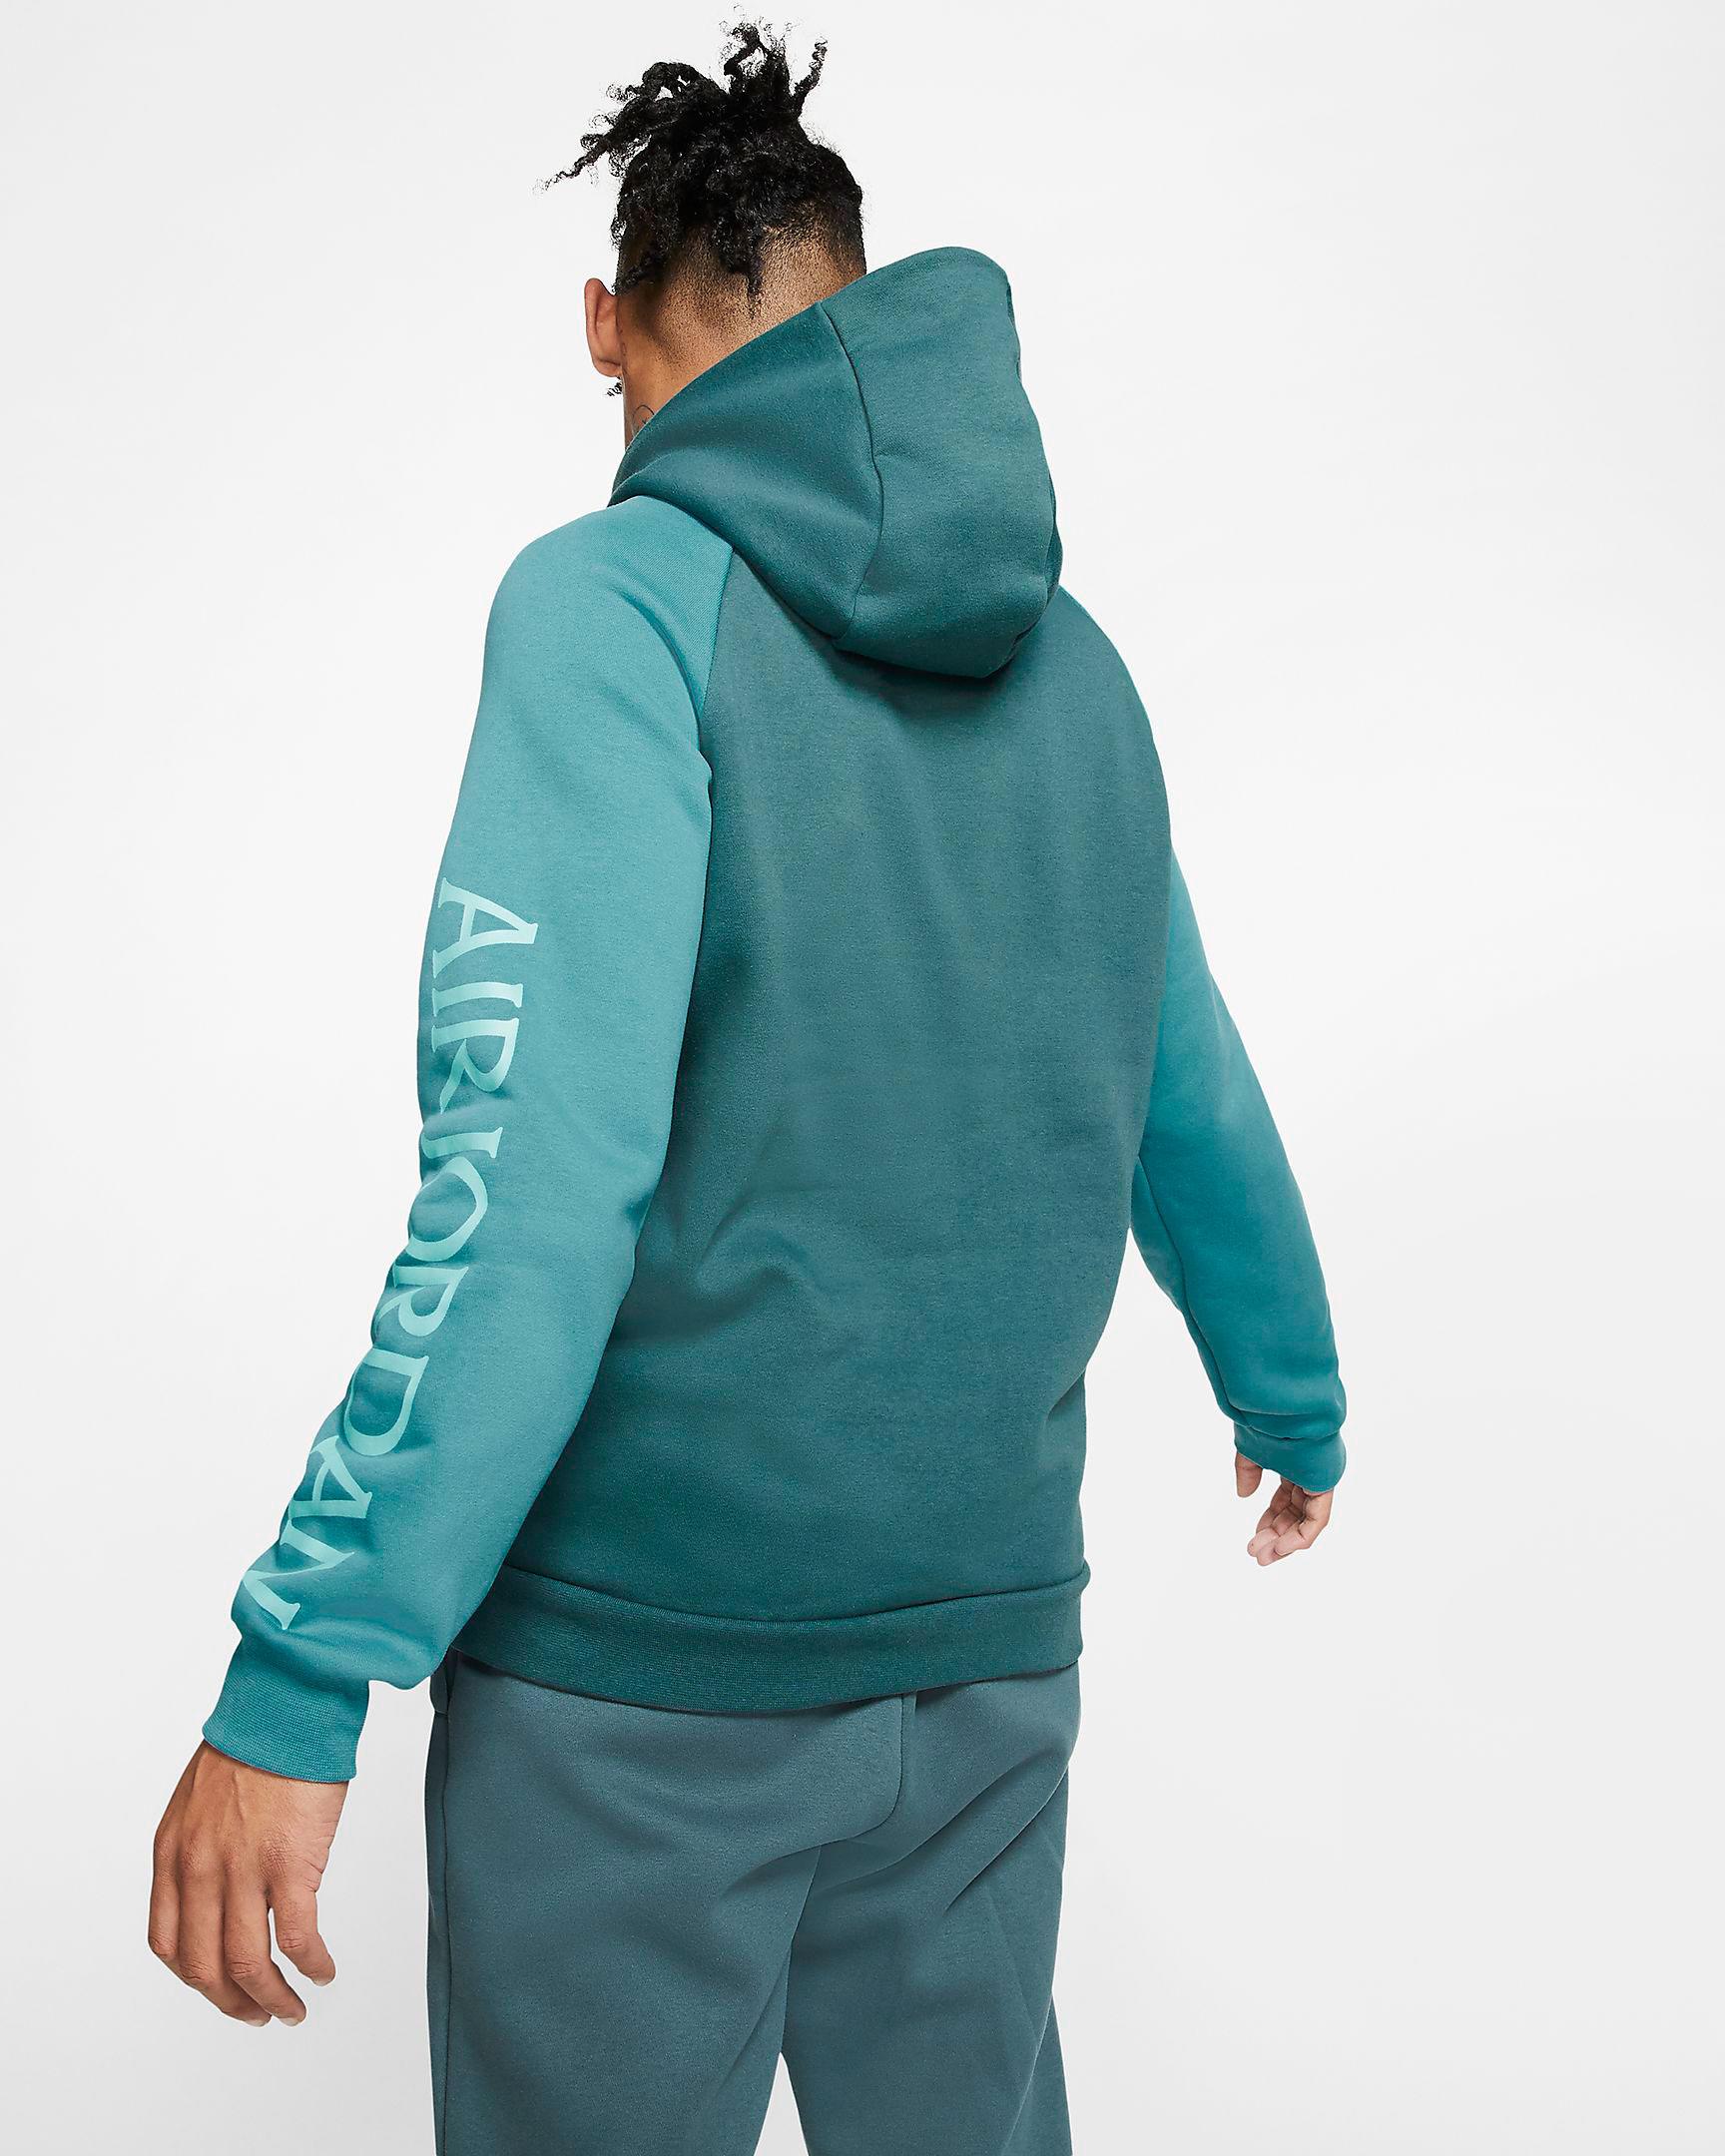 island-green-air-jordan-hoodie-2